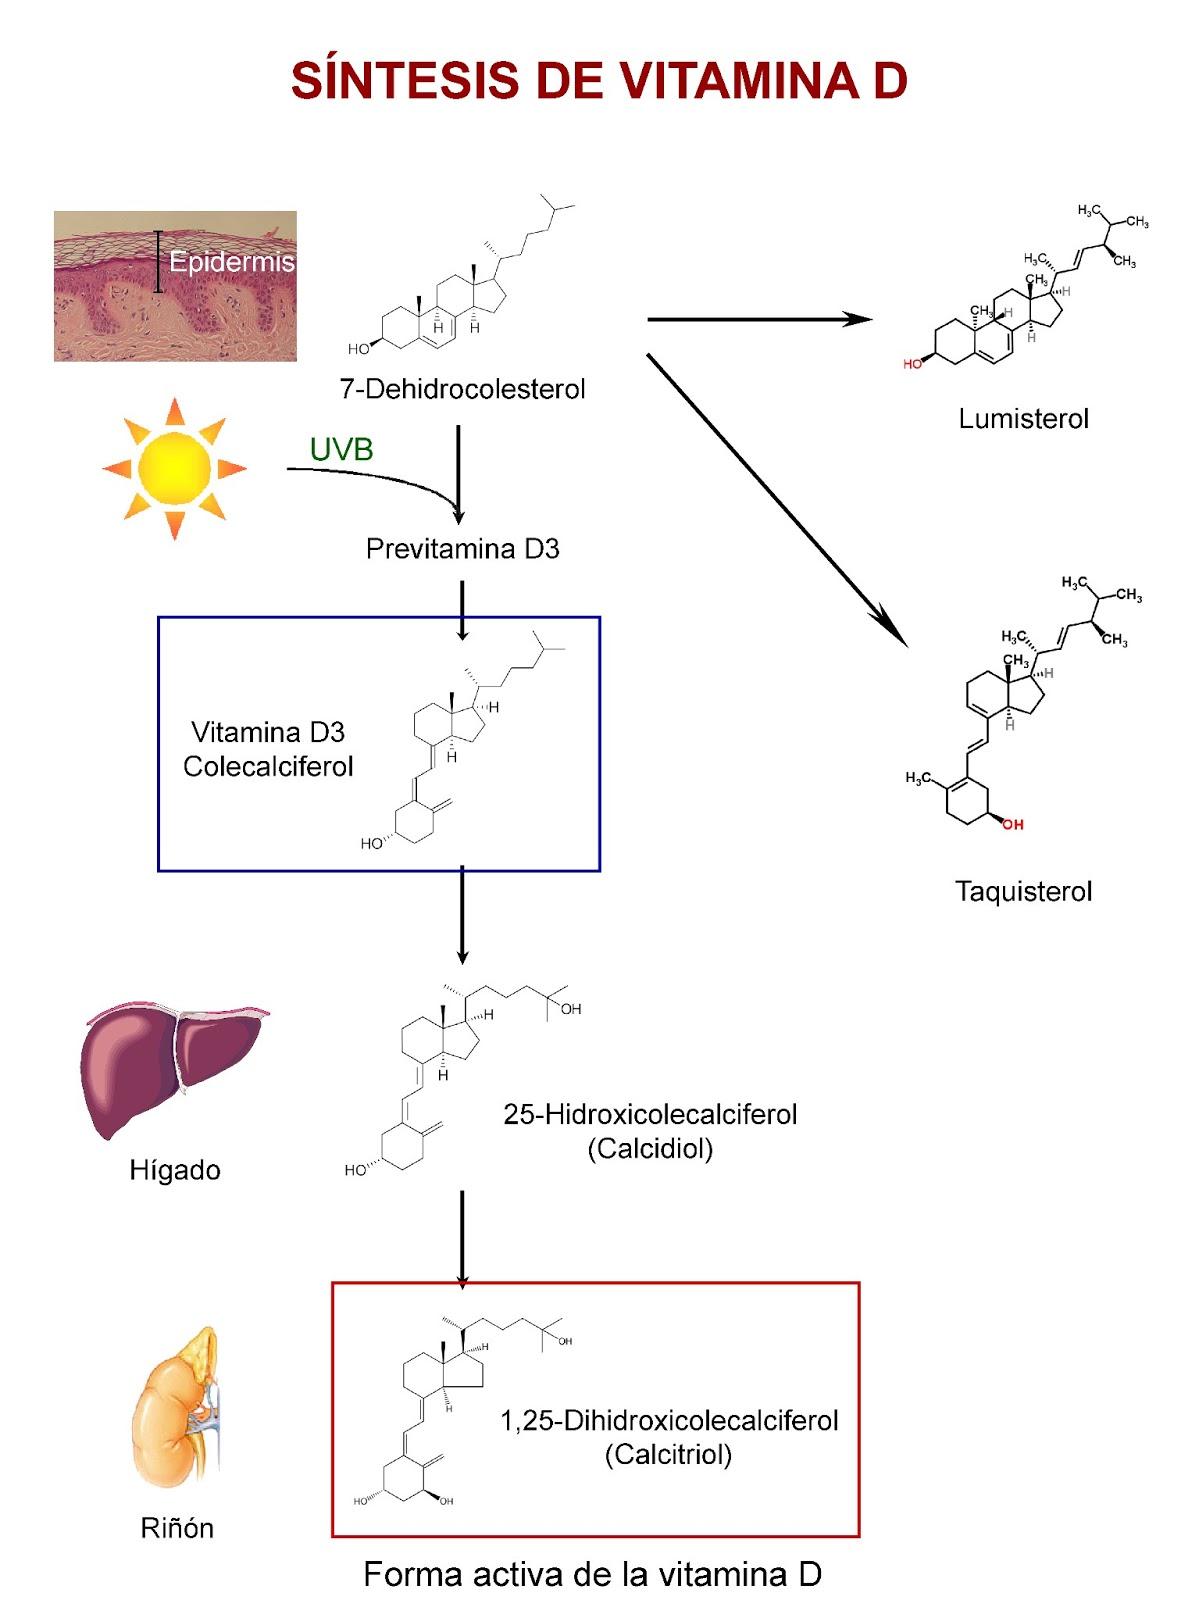 Papel de la piel, el hígado y los riñones en la síntesis de vitamina D